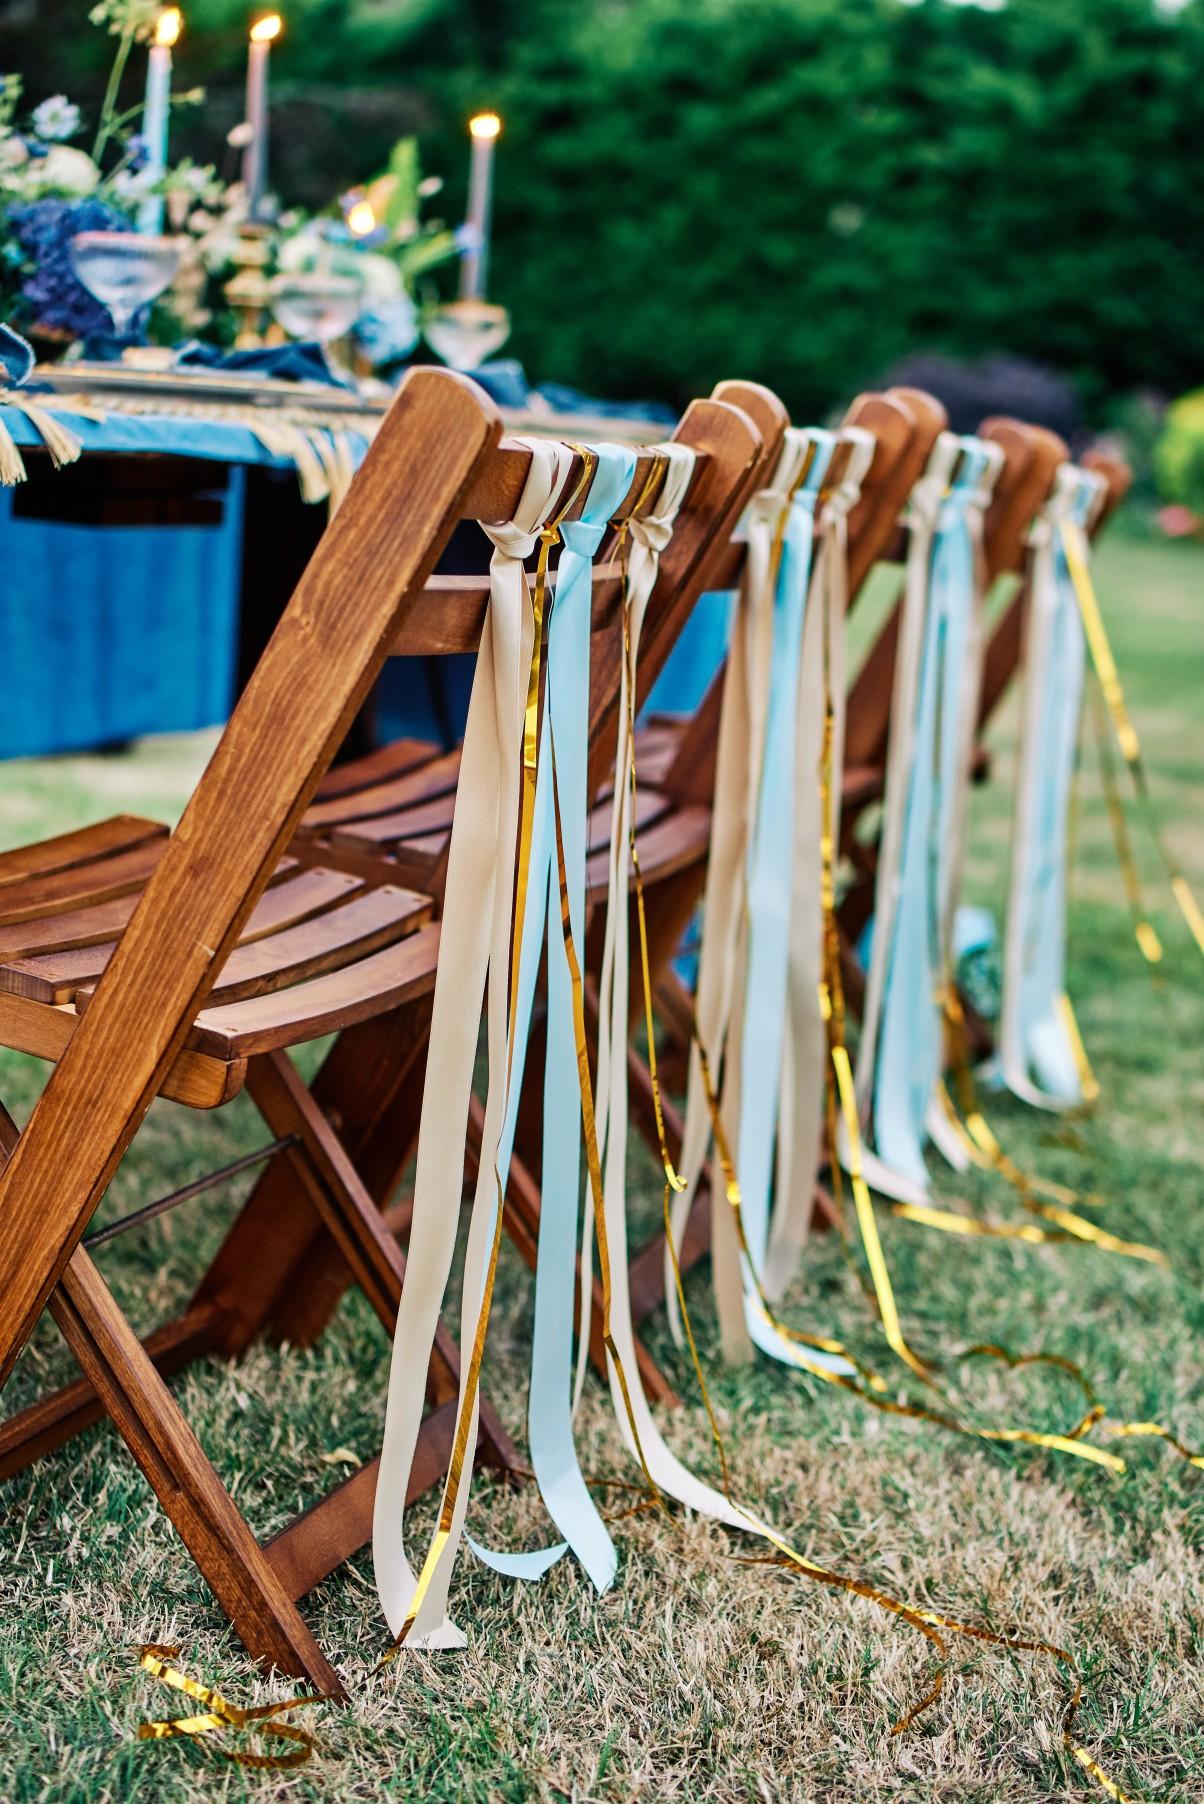 nhs wedding - paramedic wedding - blue and gold wedding - outdoor wedding - micro wedding - surprise wedding - wedding festival chair decoration